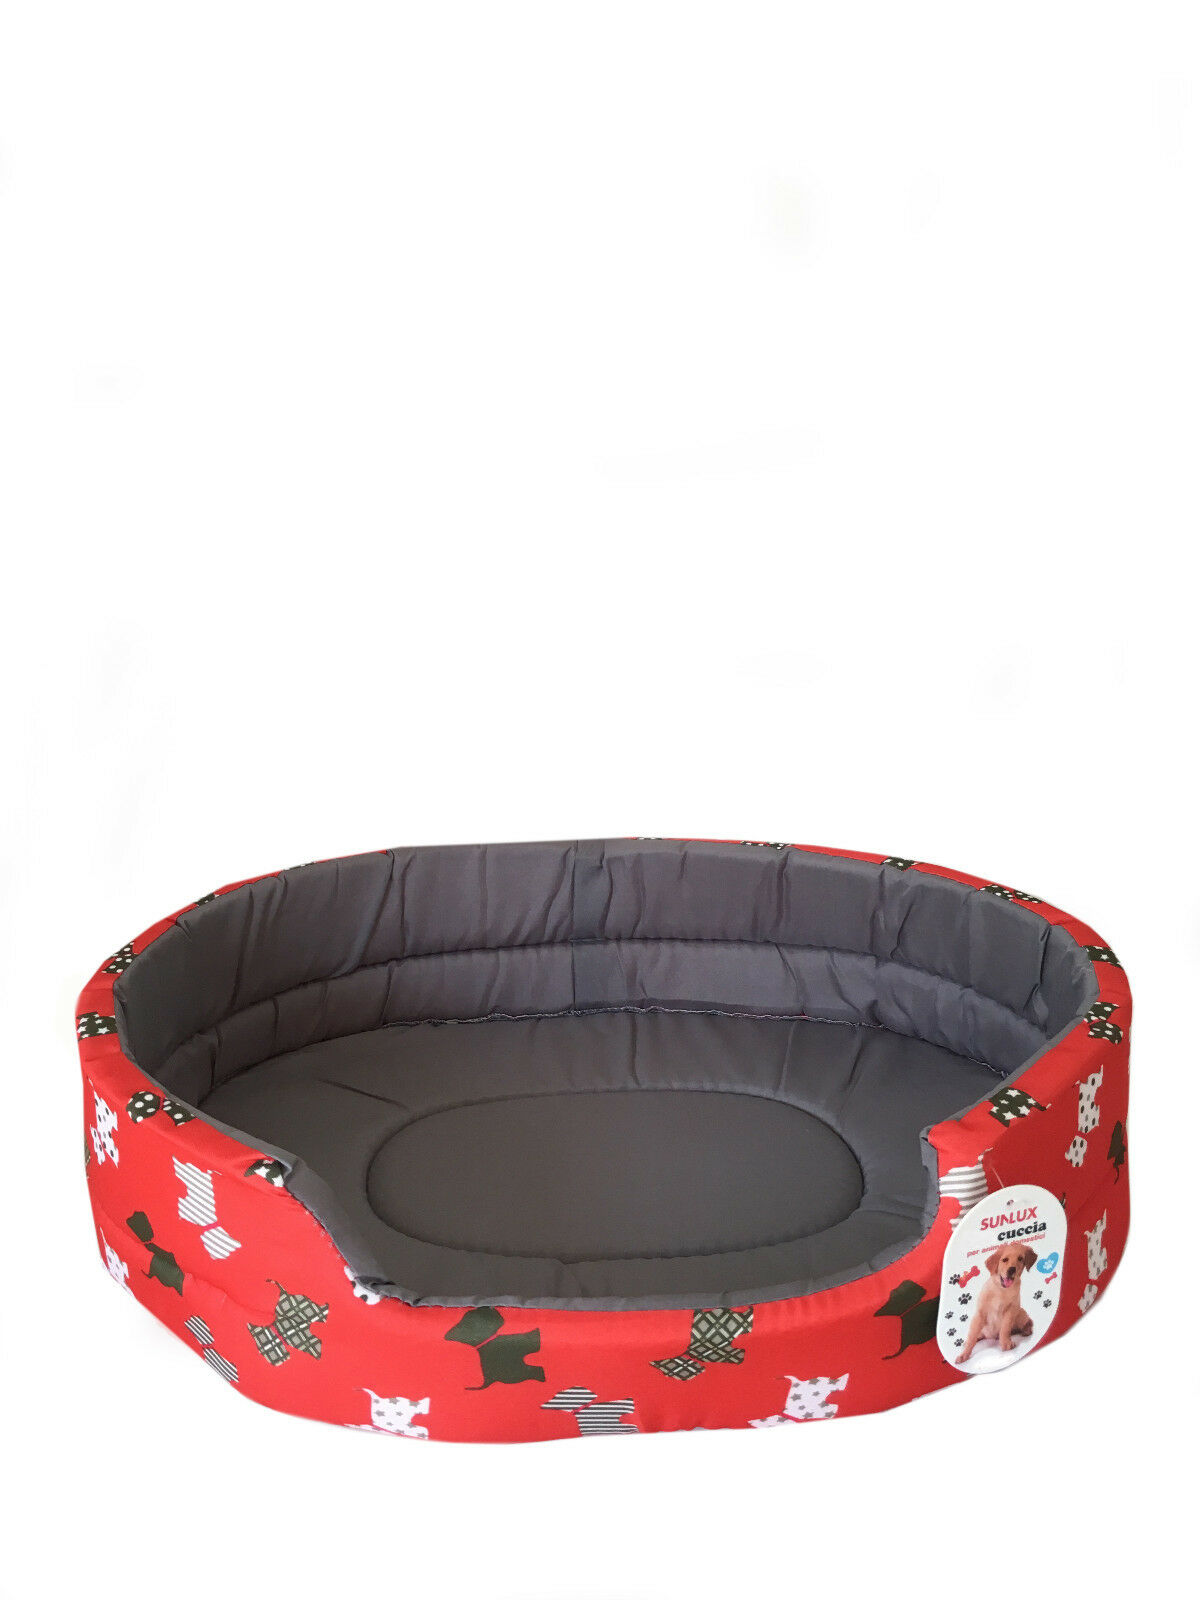 Morbidosa cuccia per cane, gatto - Accessori per animali domestici, 1 pz.